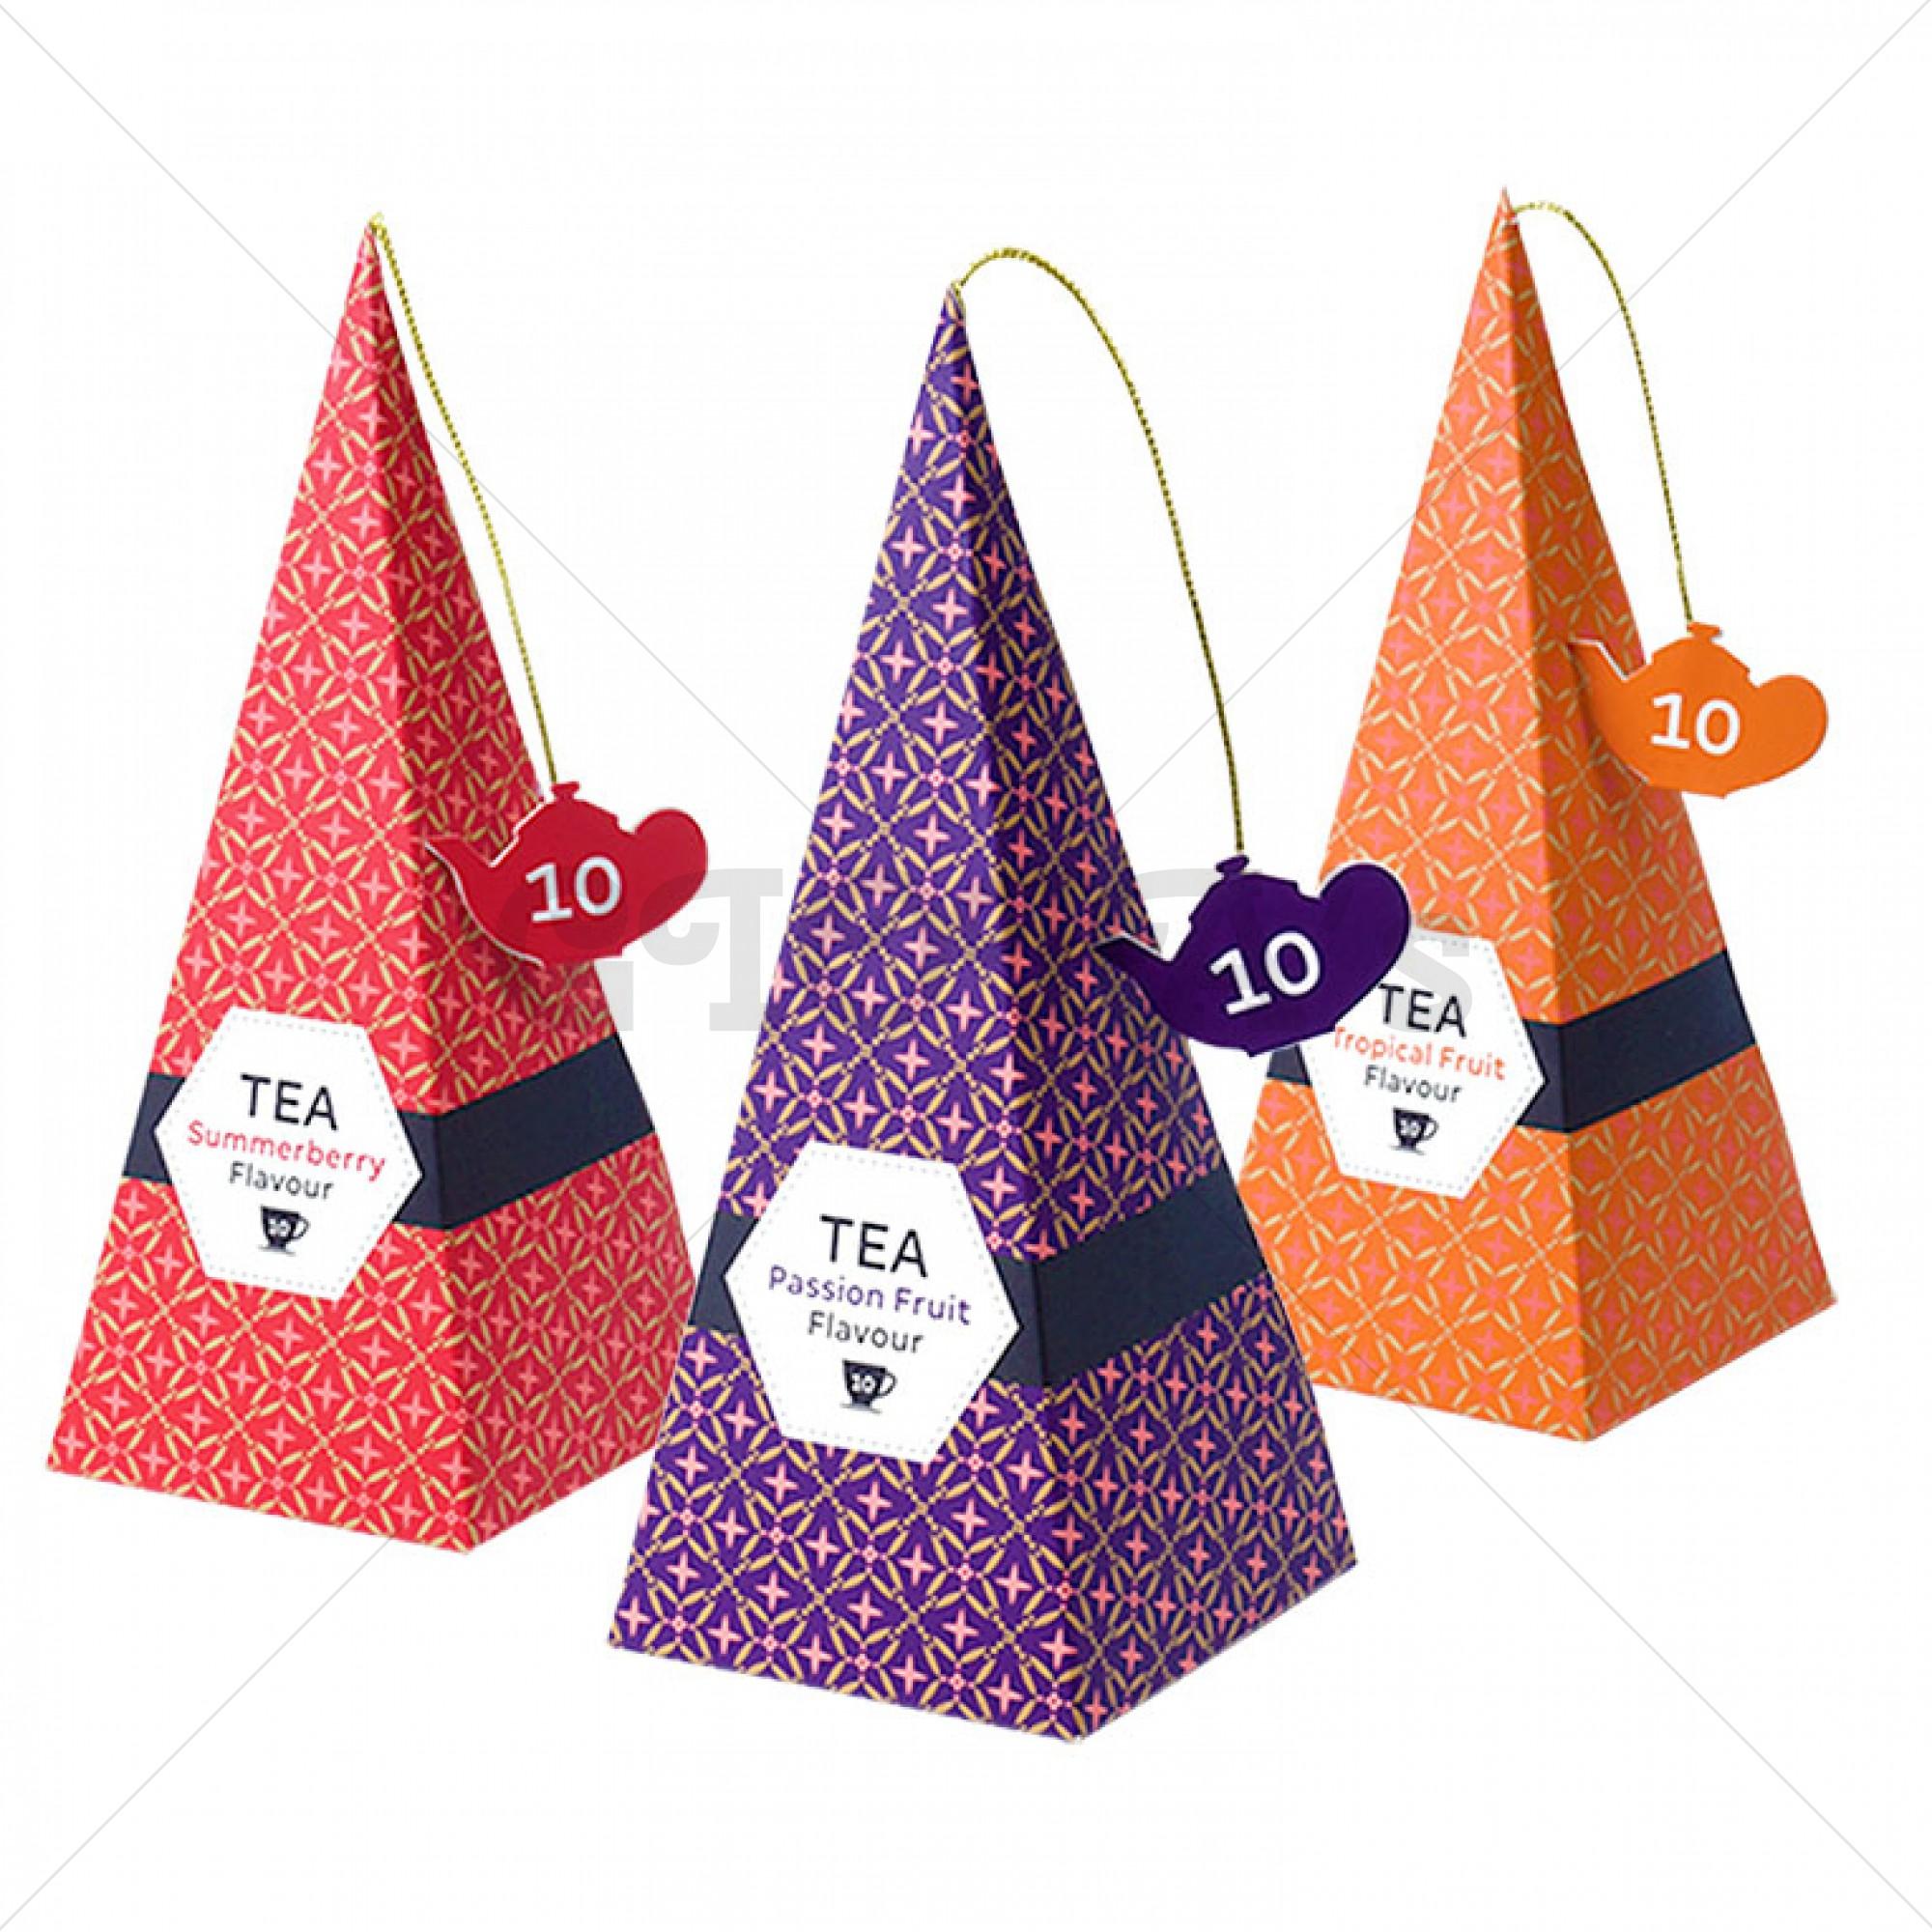 Thee - Piramide vormige cadeauverpakking - 10 zakjes - 3 verschillende soorten